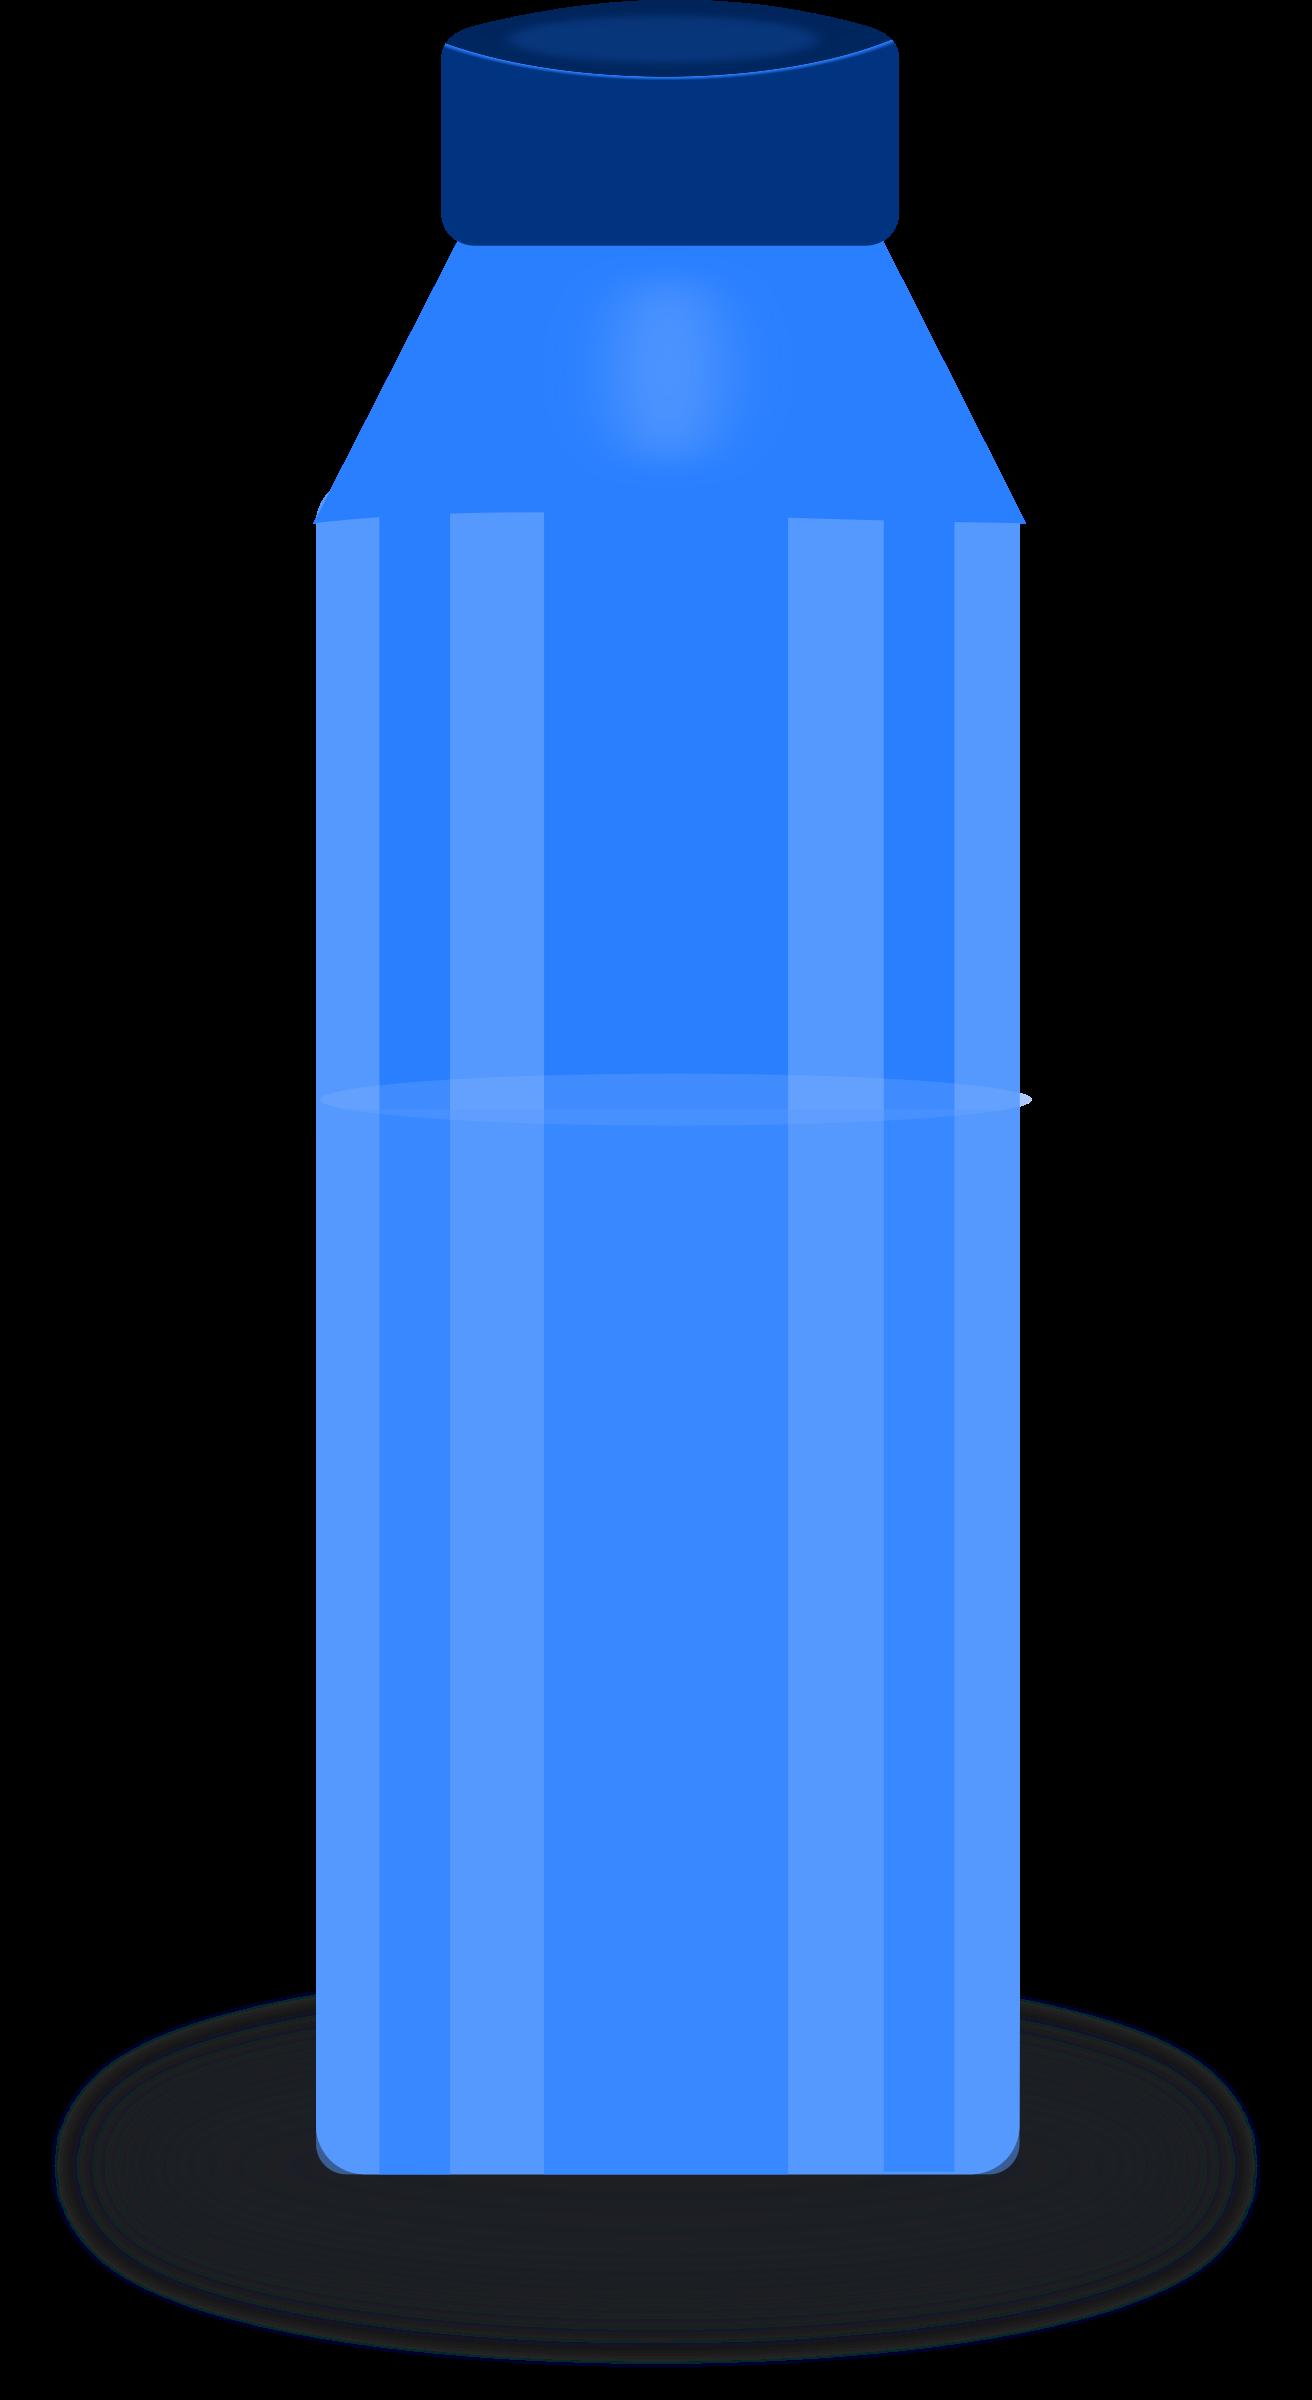 Water Bottle-Water Bottle-10